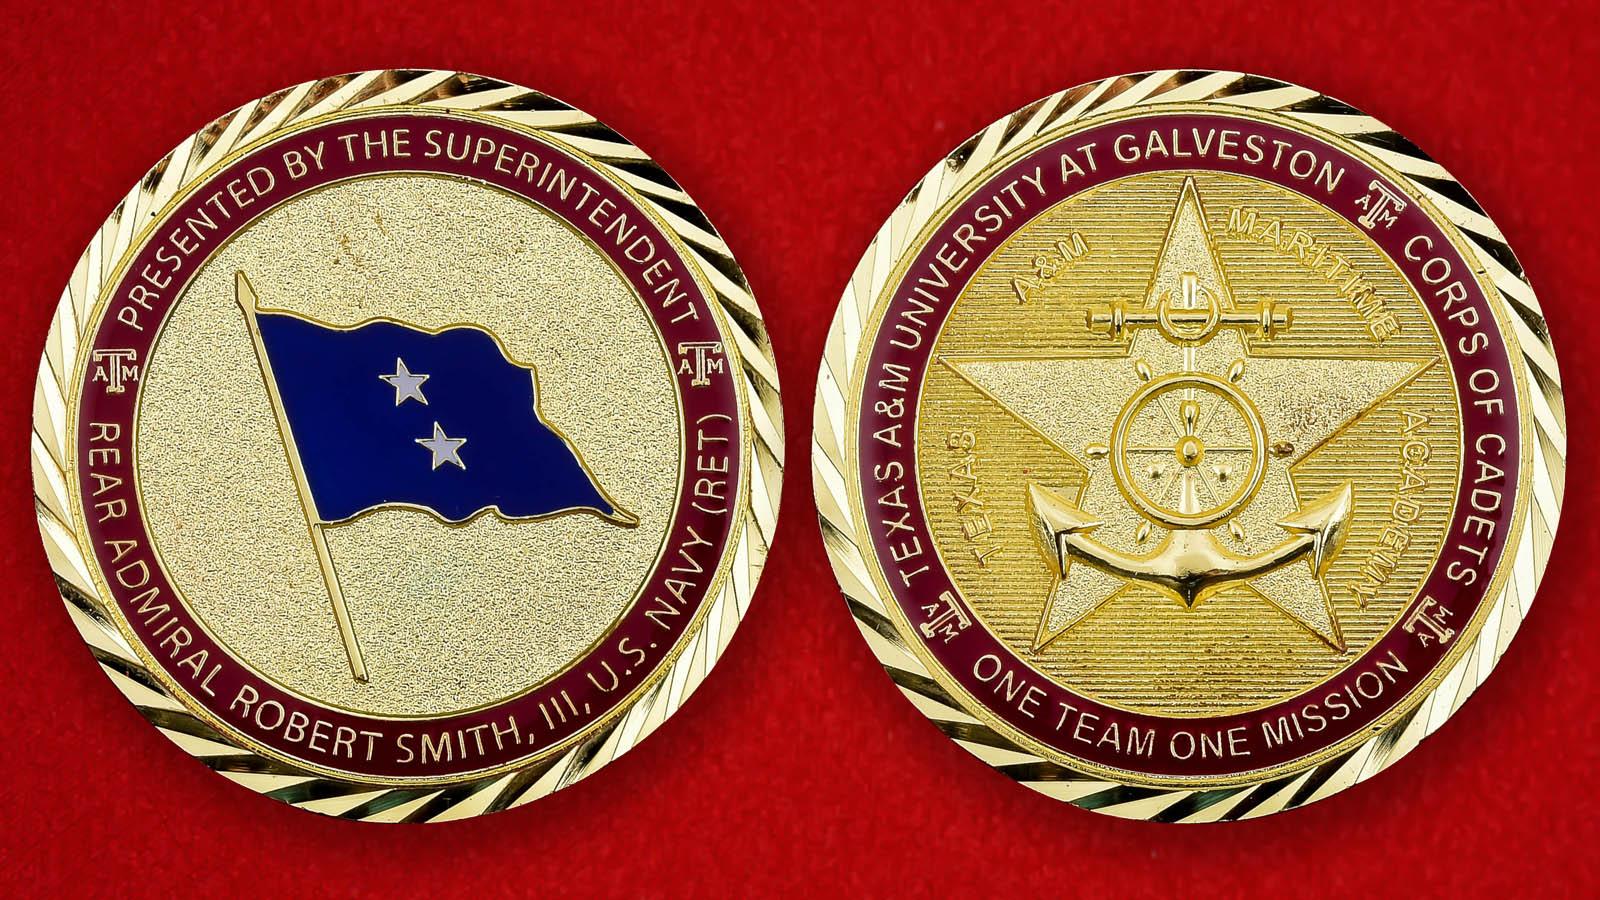 """Челлендж коин """"От руководителя Морской академии при Техасском университете A & M Галвестон контр-адмирала Роберта Смита III"""""""